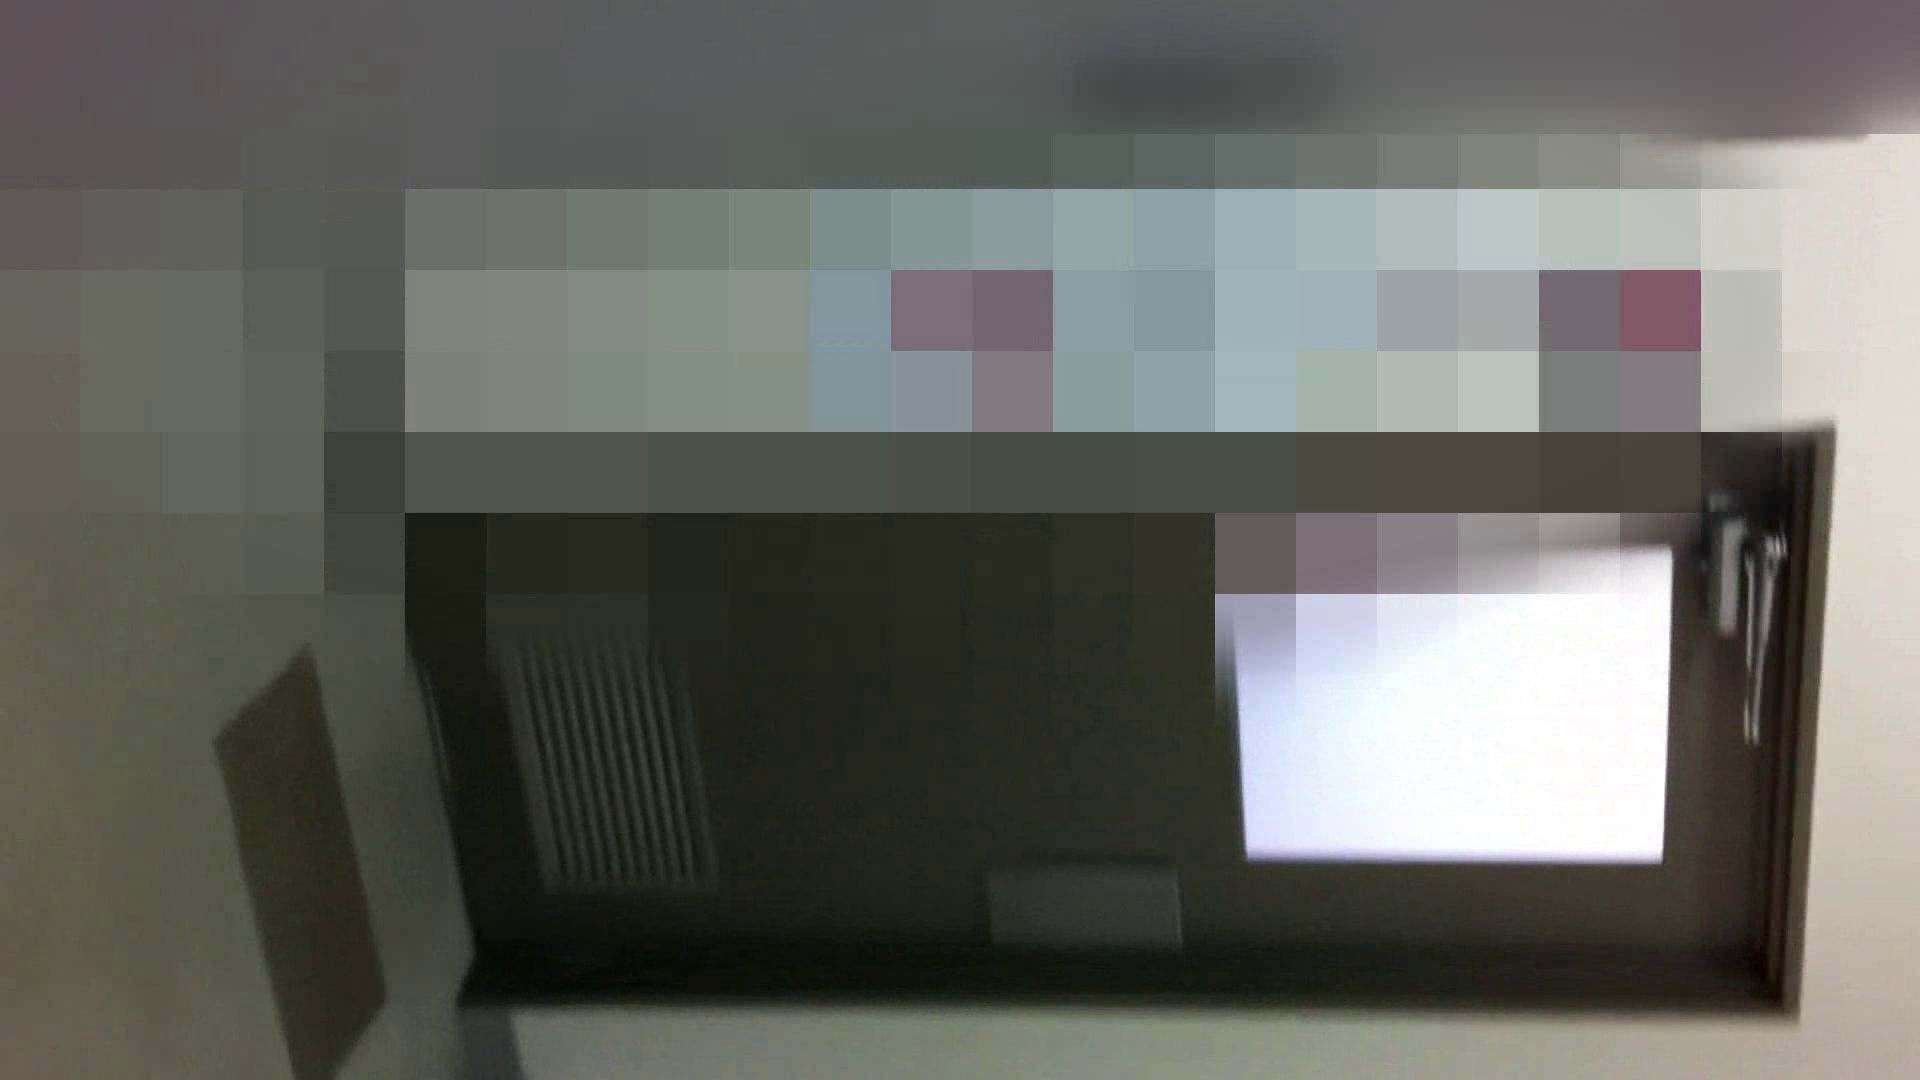 お姉さんの恥便所盗撮! Vol.10 美女のヌード エロ無料画像 101画像 45